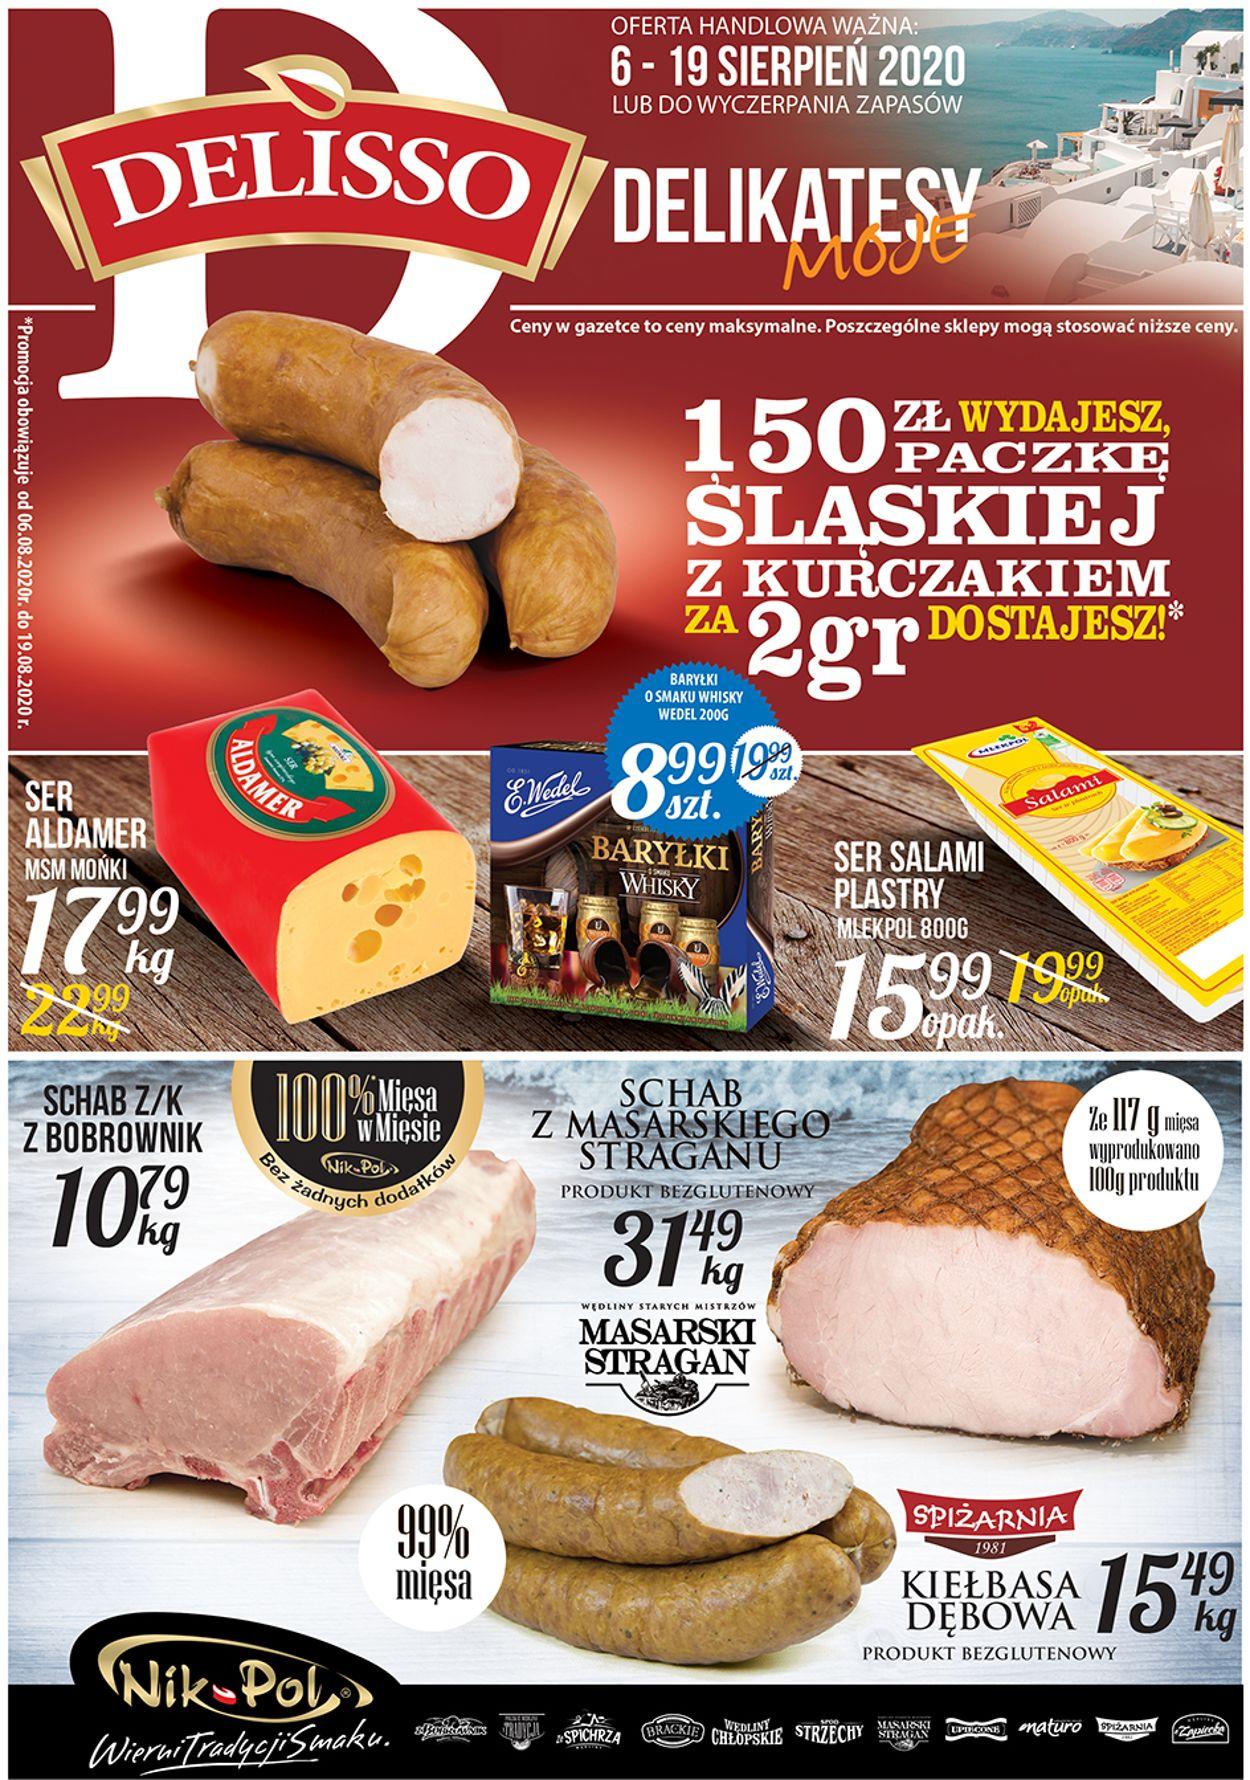 Gazetka promocyjna Delisso - 06.08-19.08.2020